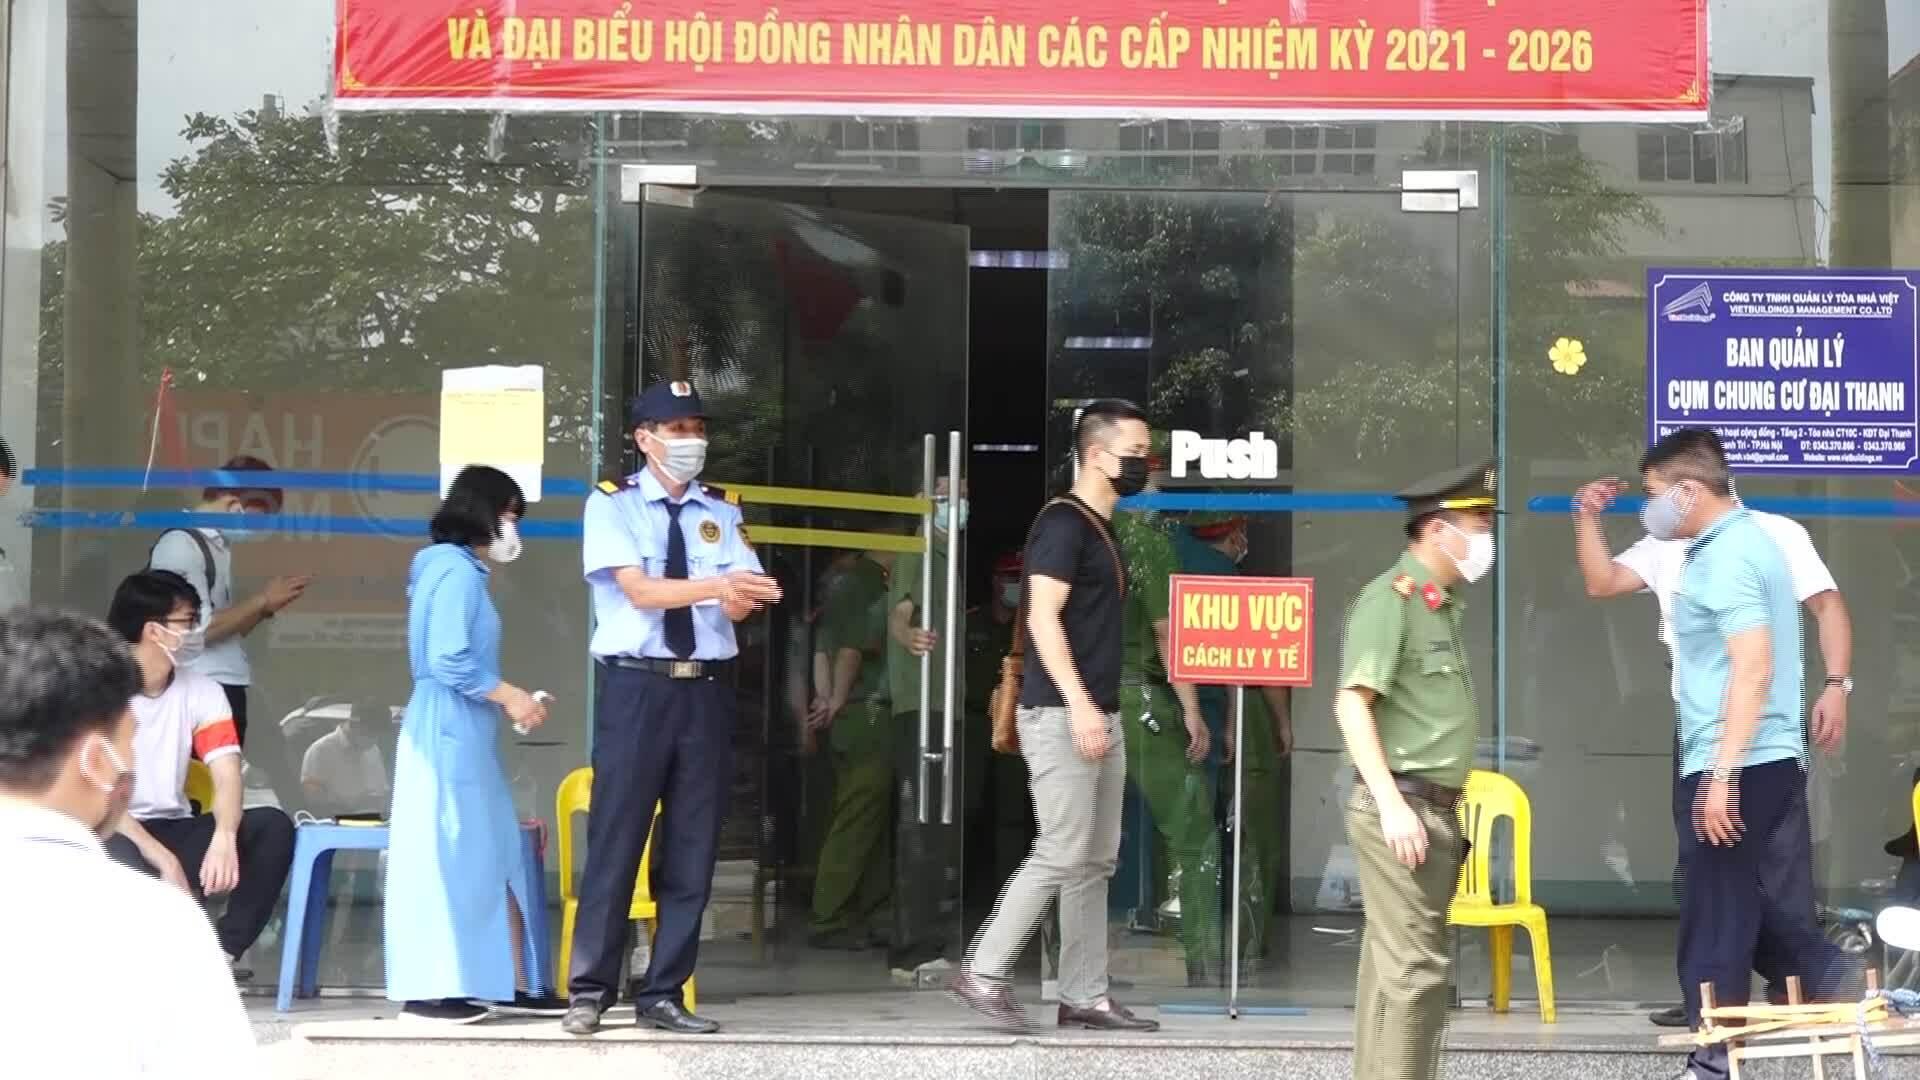 Phong tỏa 3 tòa chung cư Đại Thanh